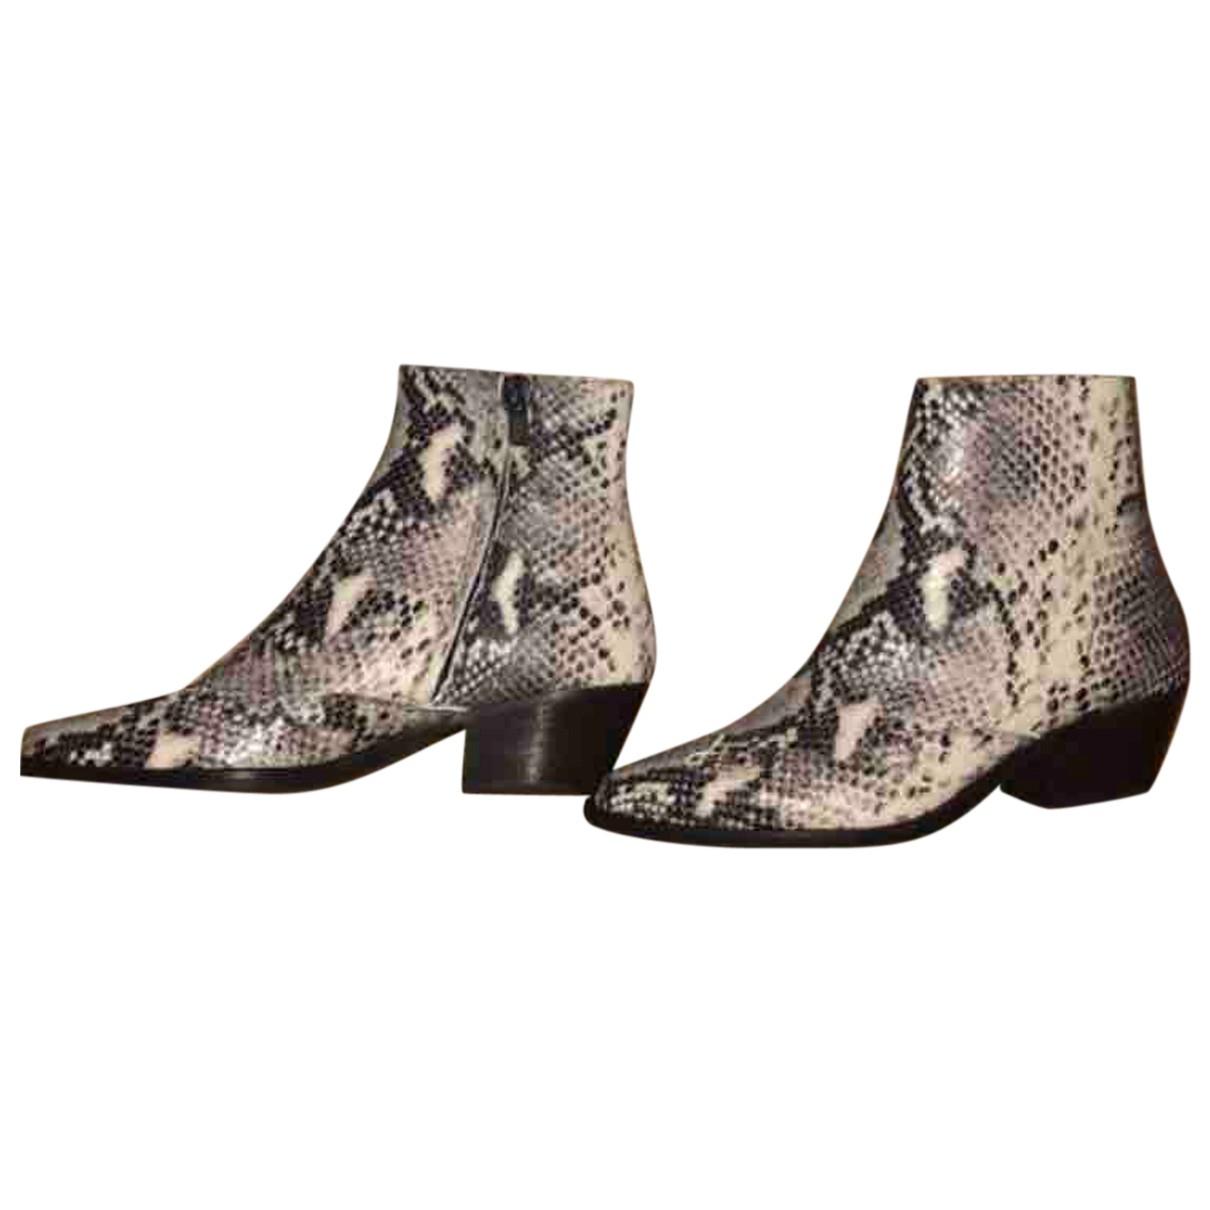 Claudie Pierlot - Boots Fall Winter 2019 pour femme en python - beige